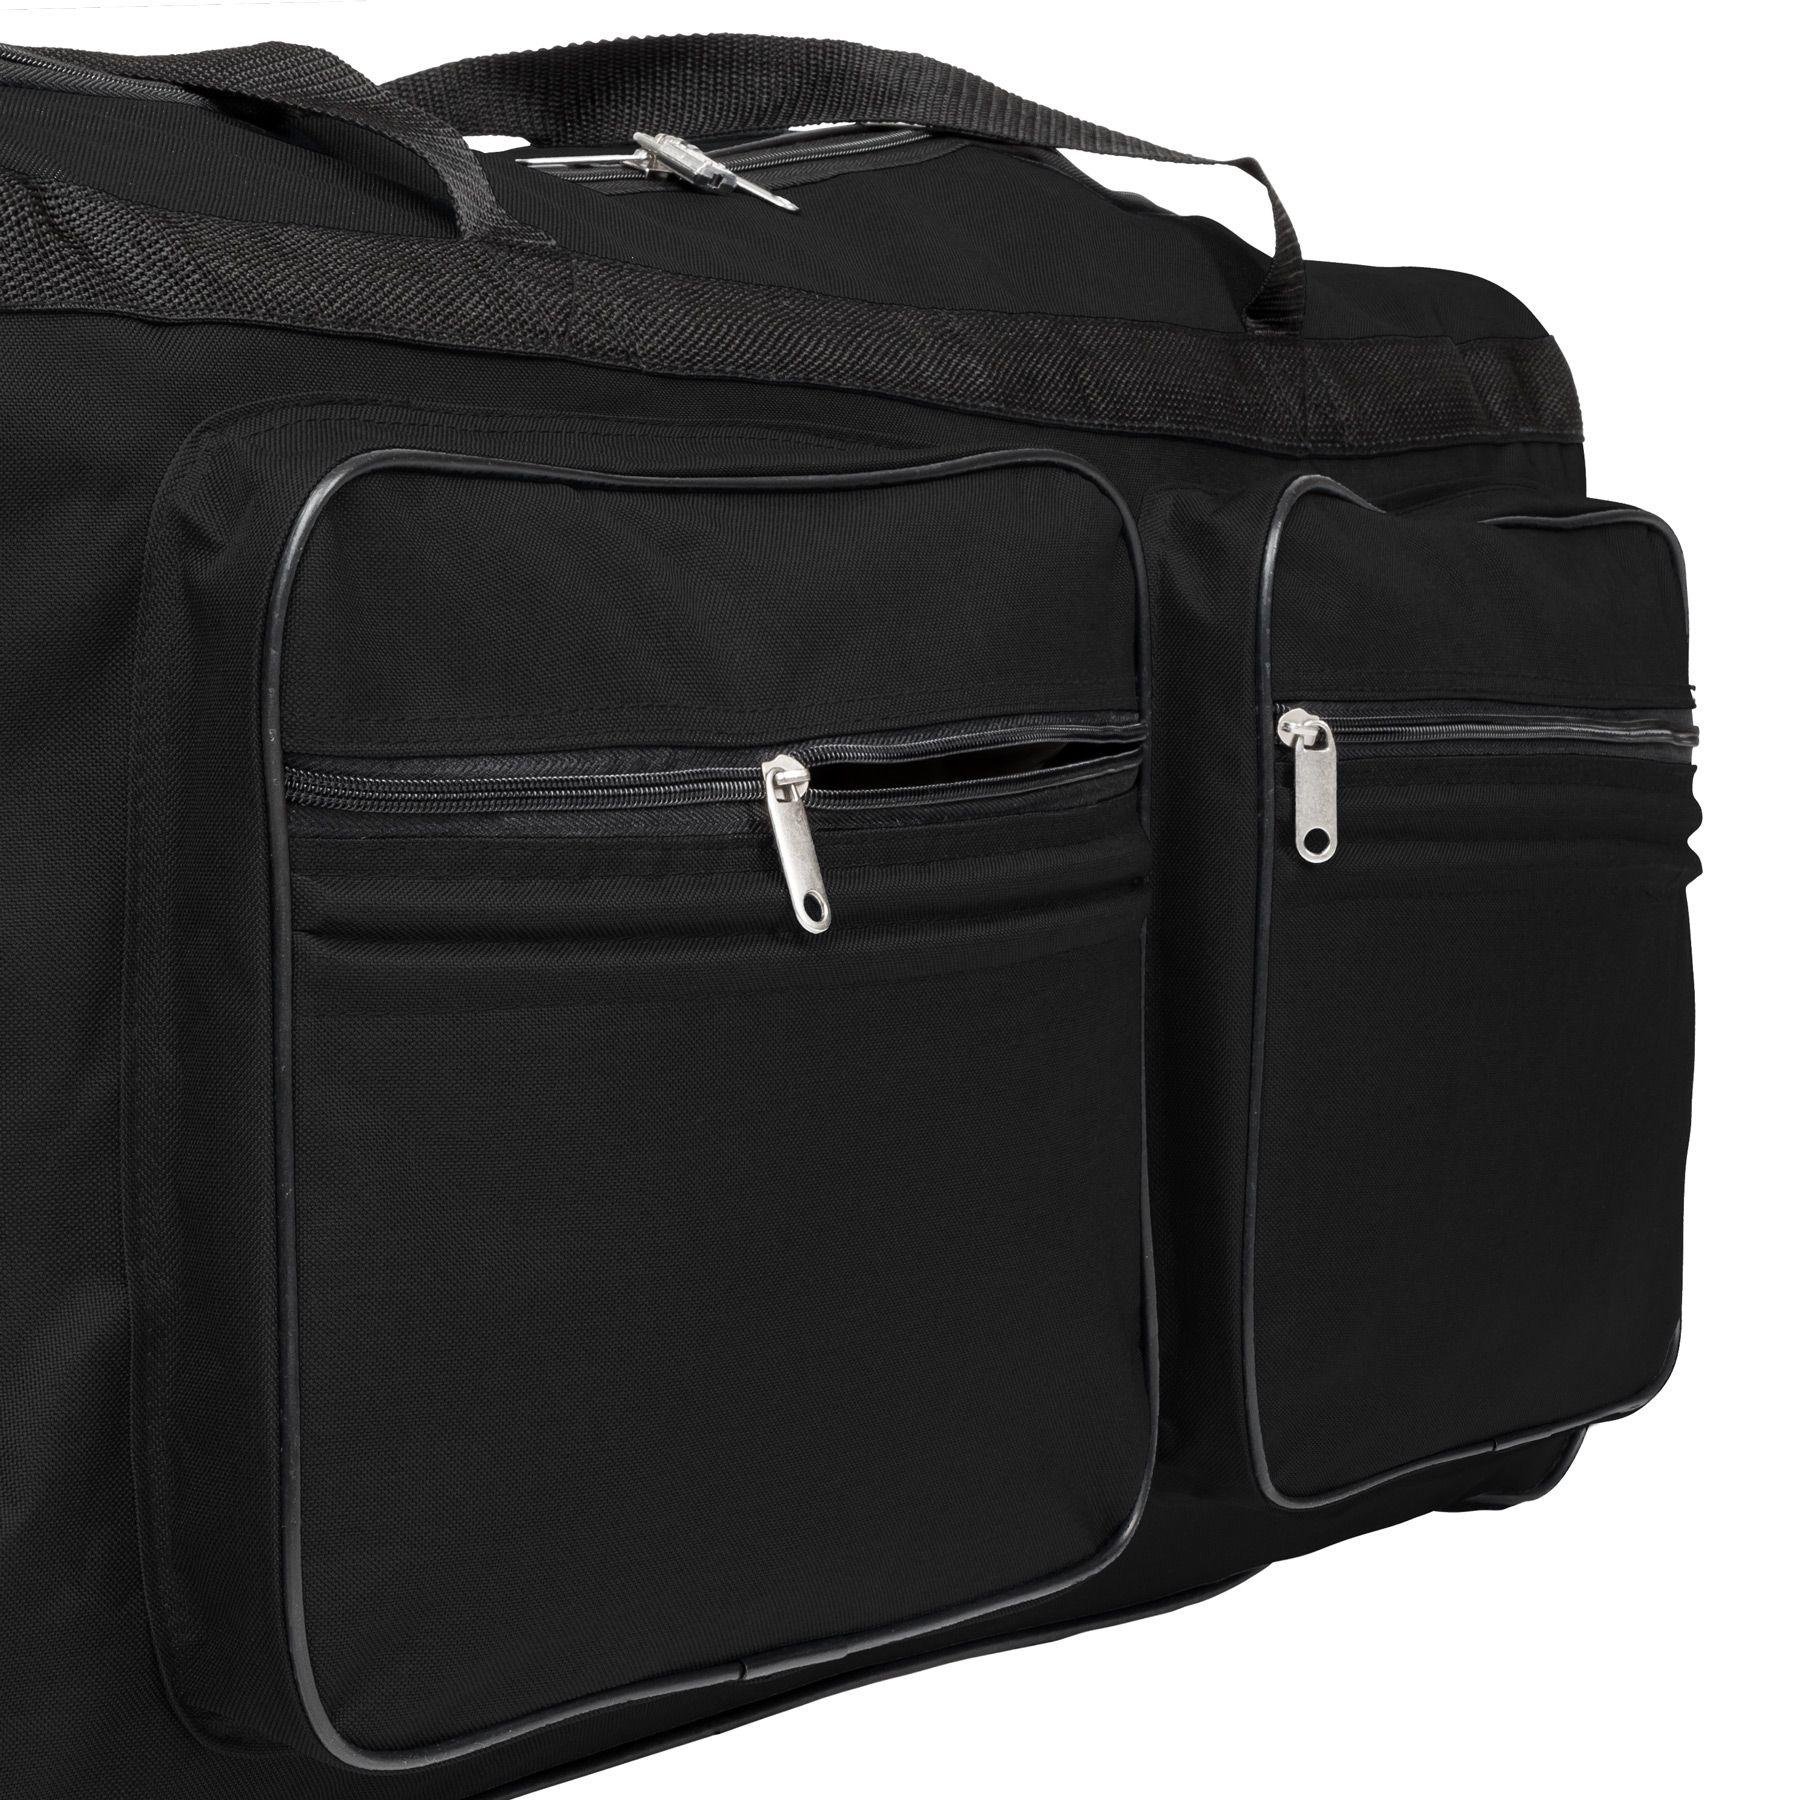 TecTake_Reisetasche_402213_5 Sac de voyage XXL valise trolley légère sport bagage à roulettes 160 litres